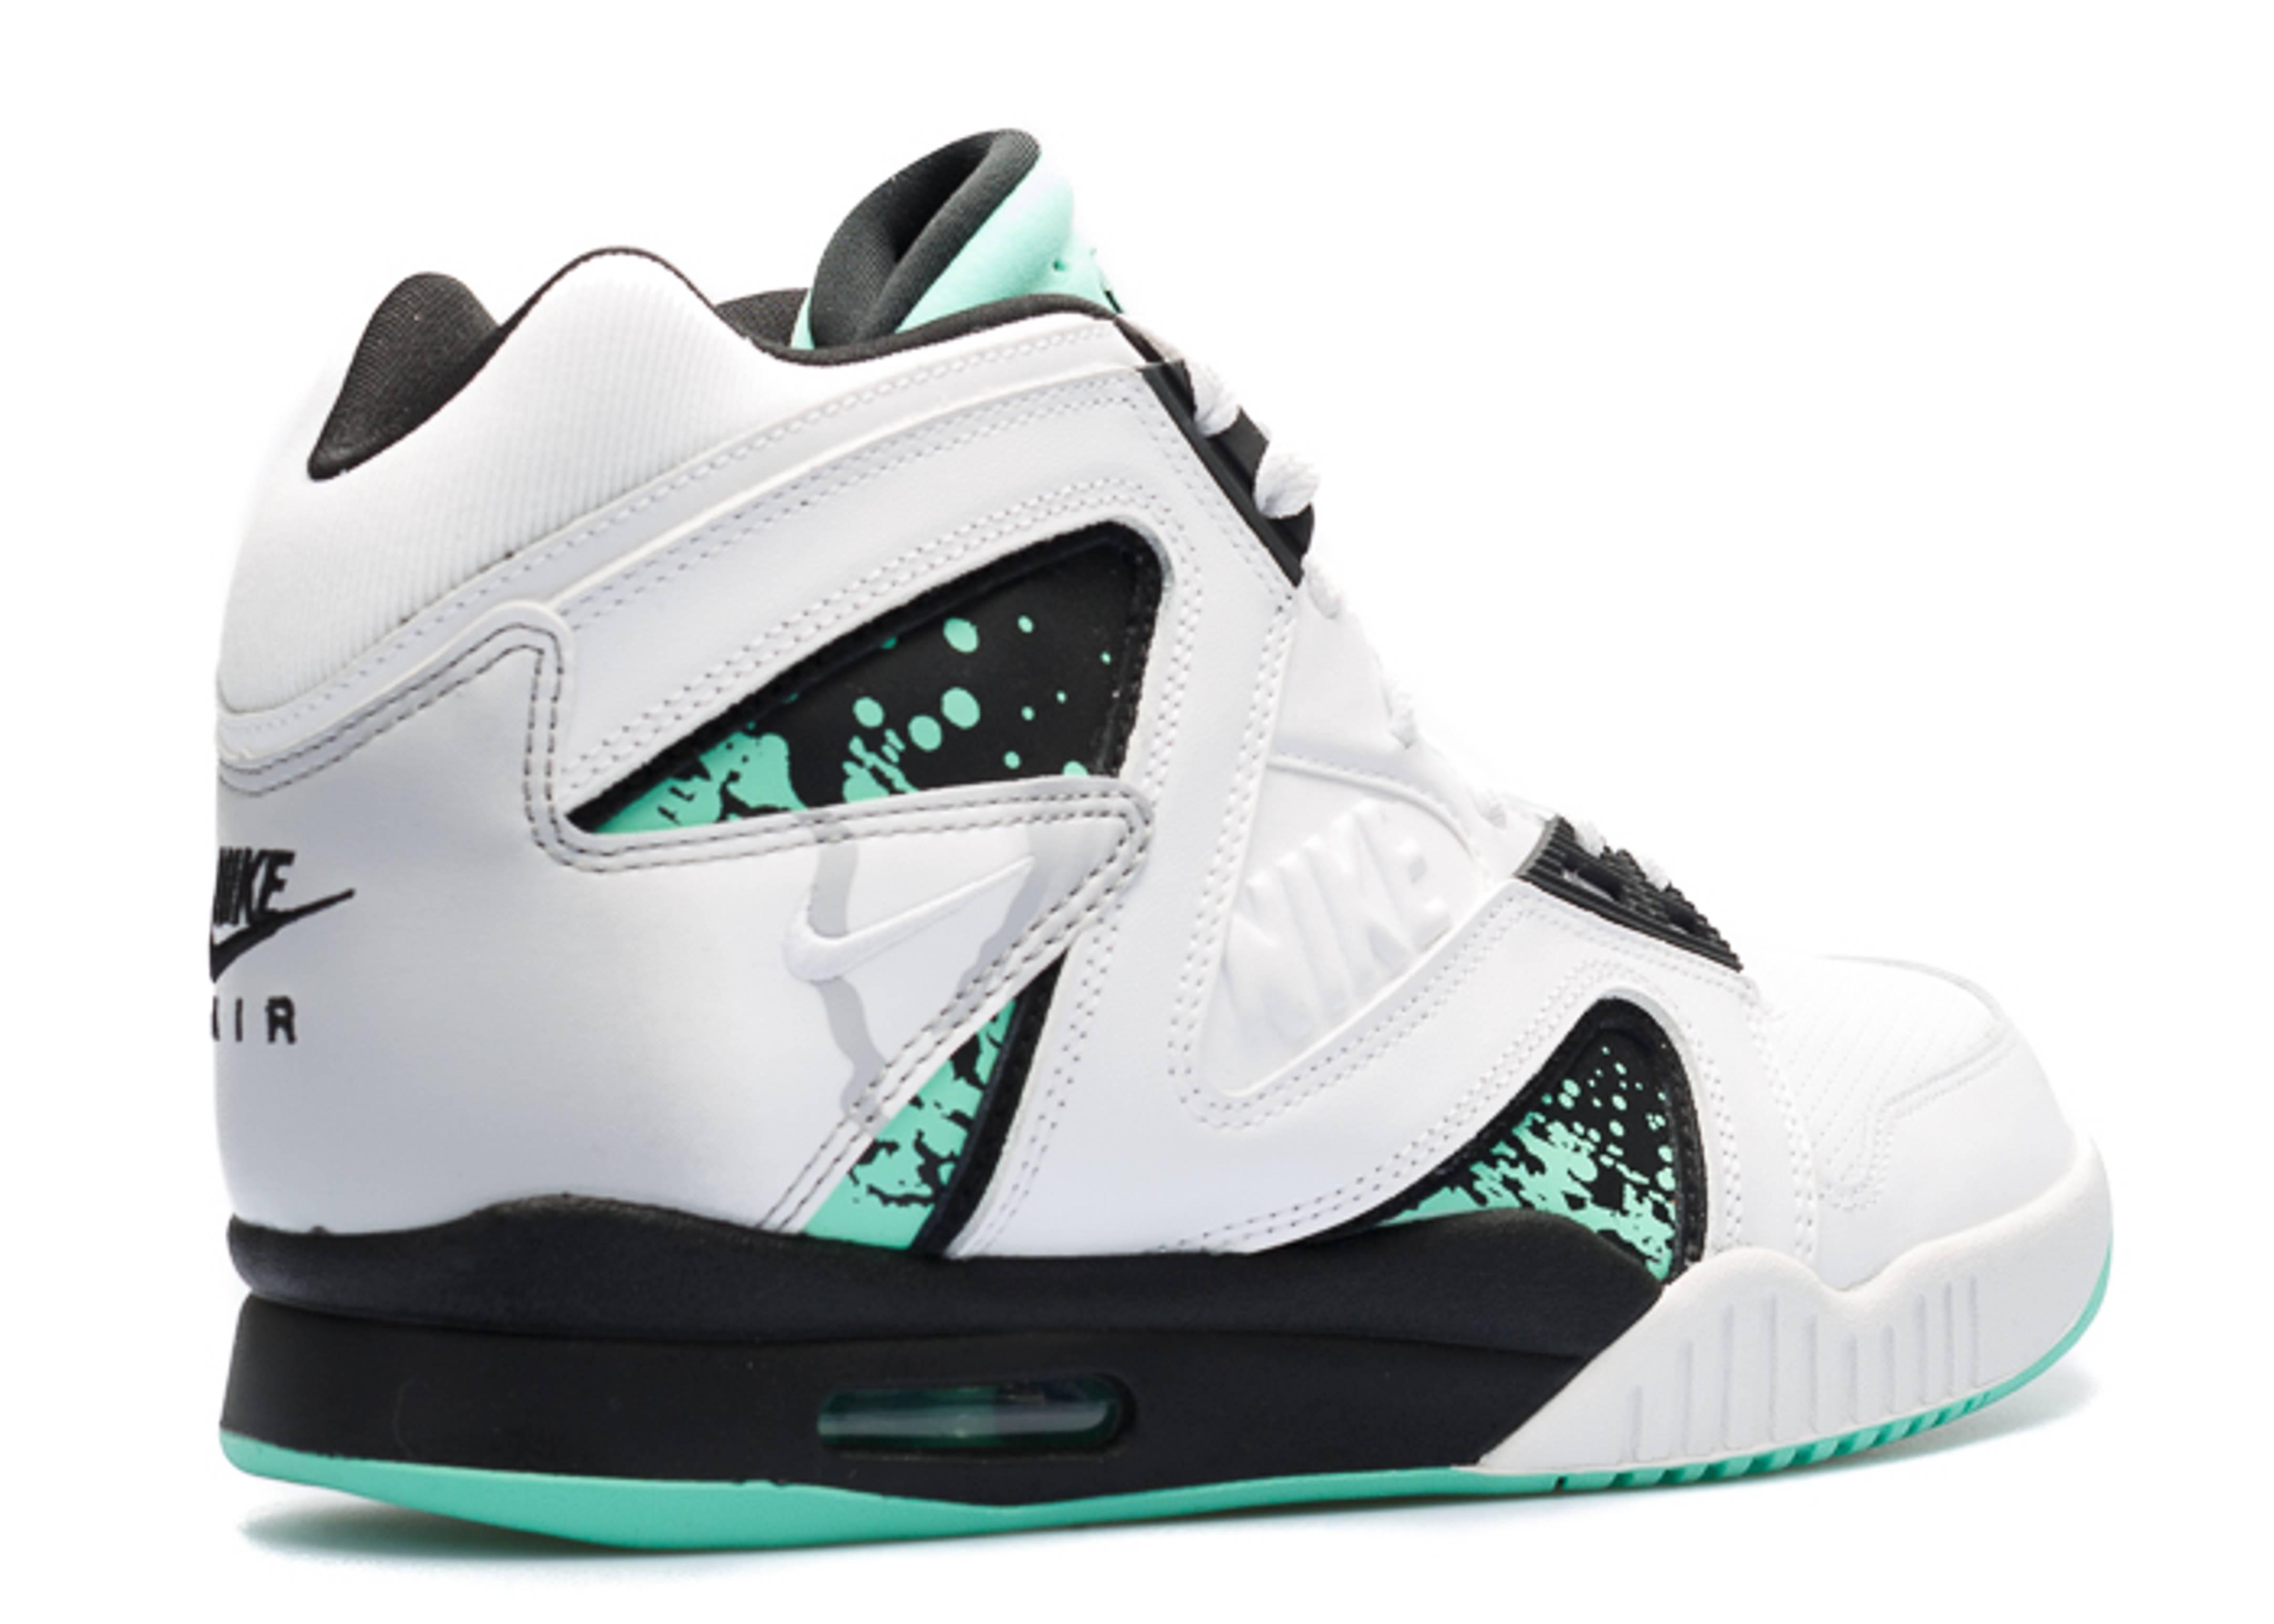 6e034fe5aba8 Air Tech Challenge Hybrid Qs - Nike - 659917 130 - white green glow .